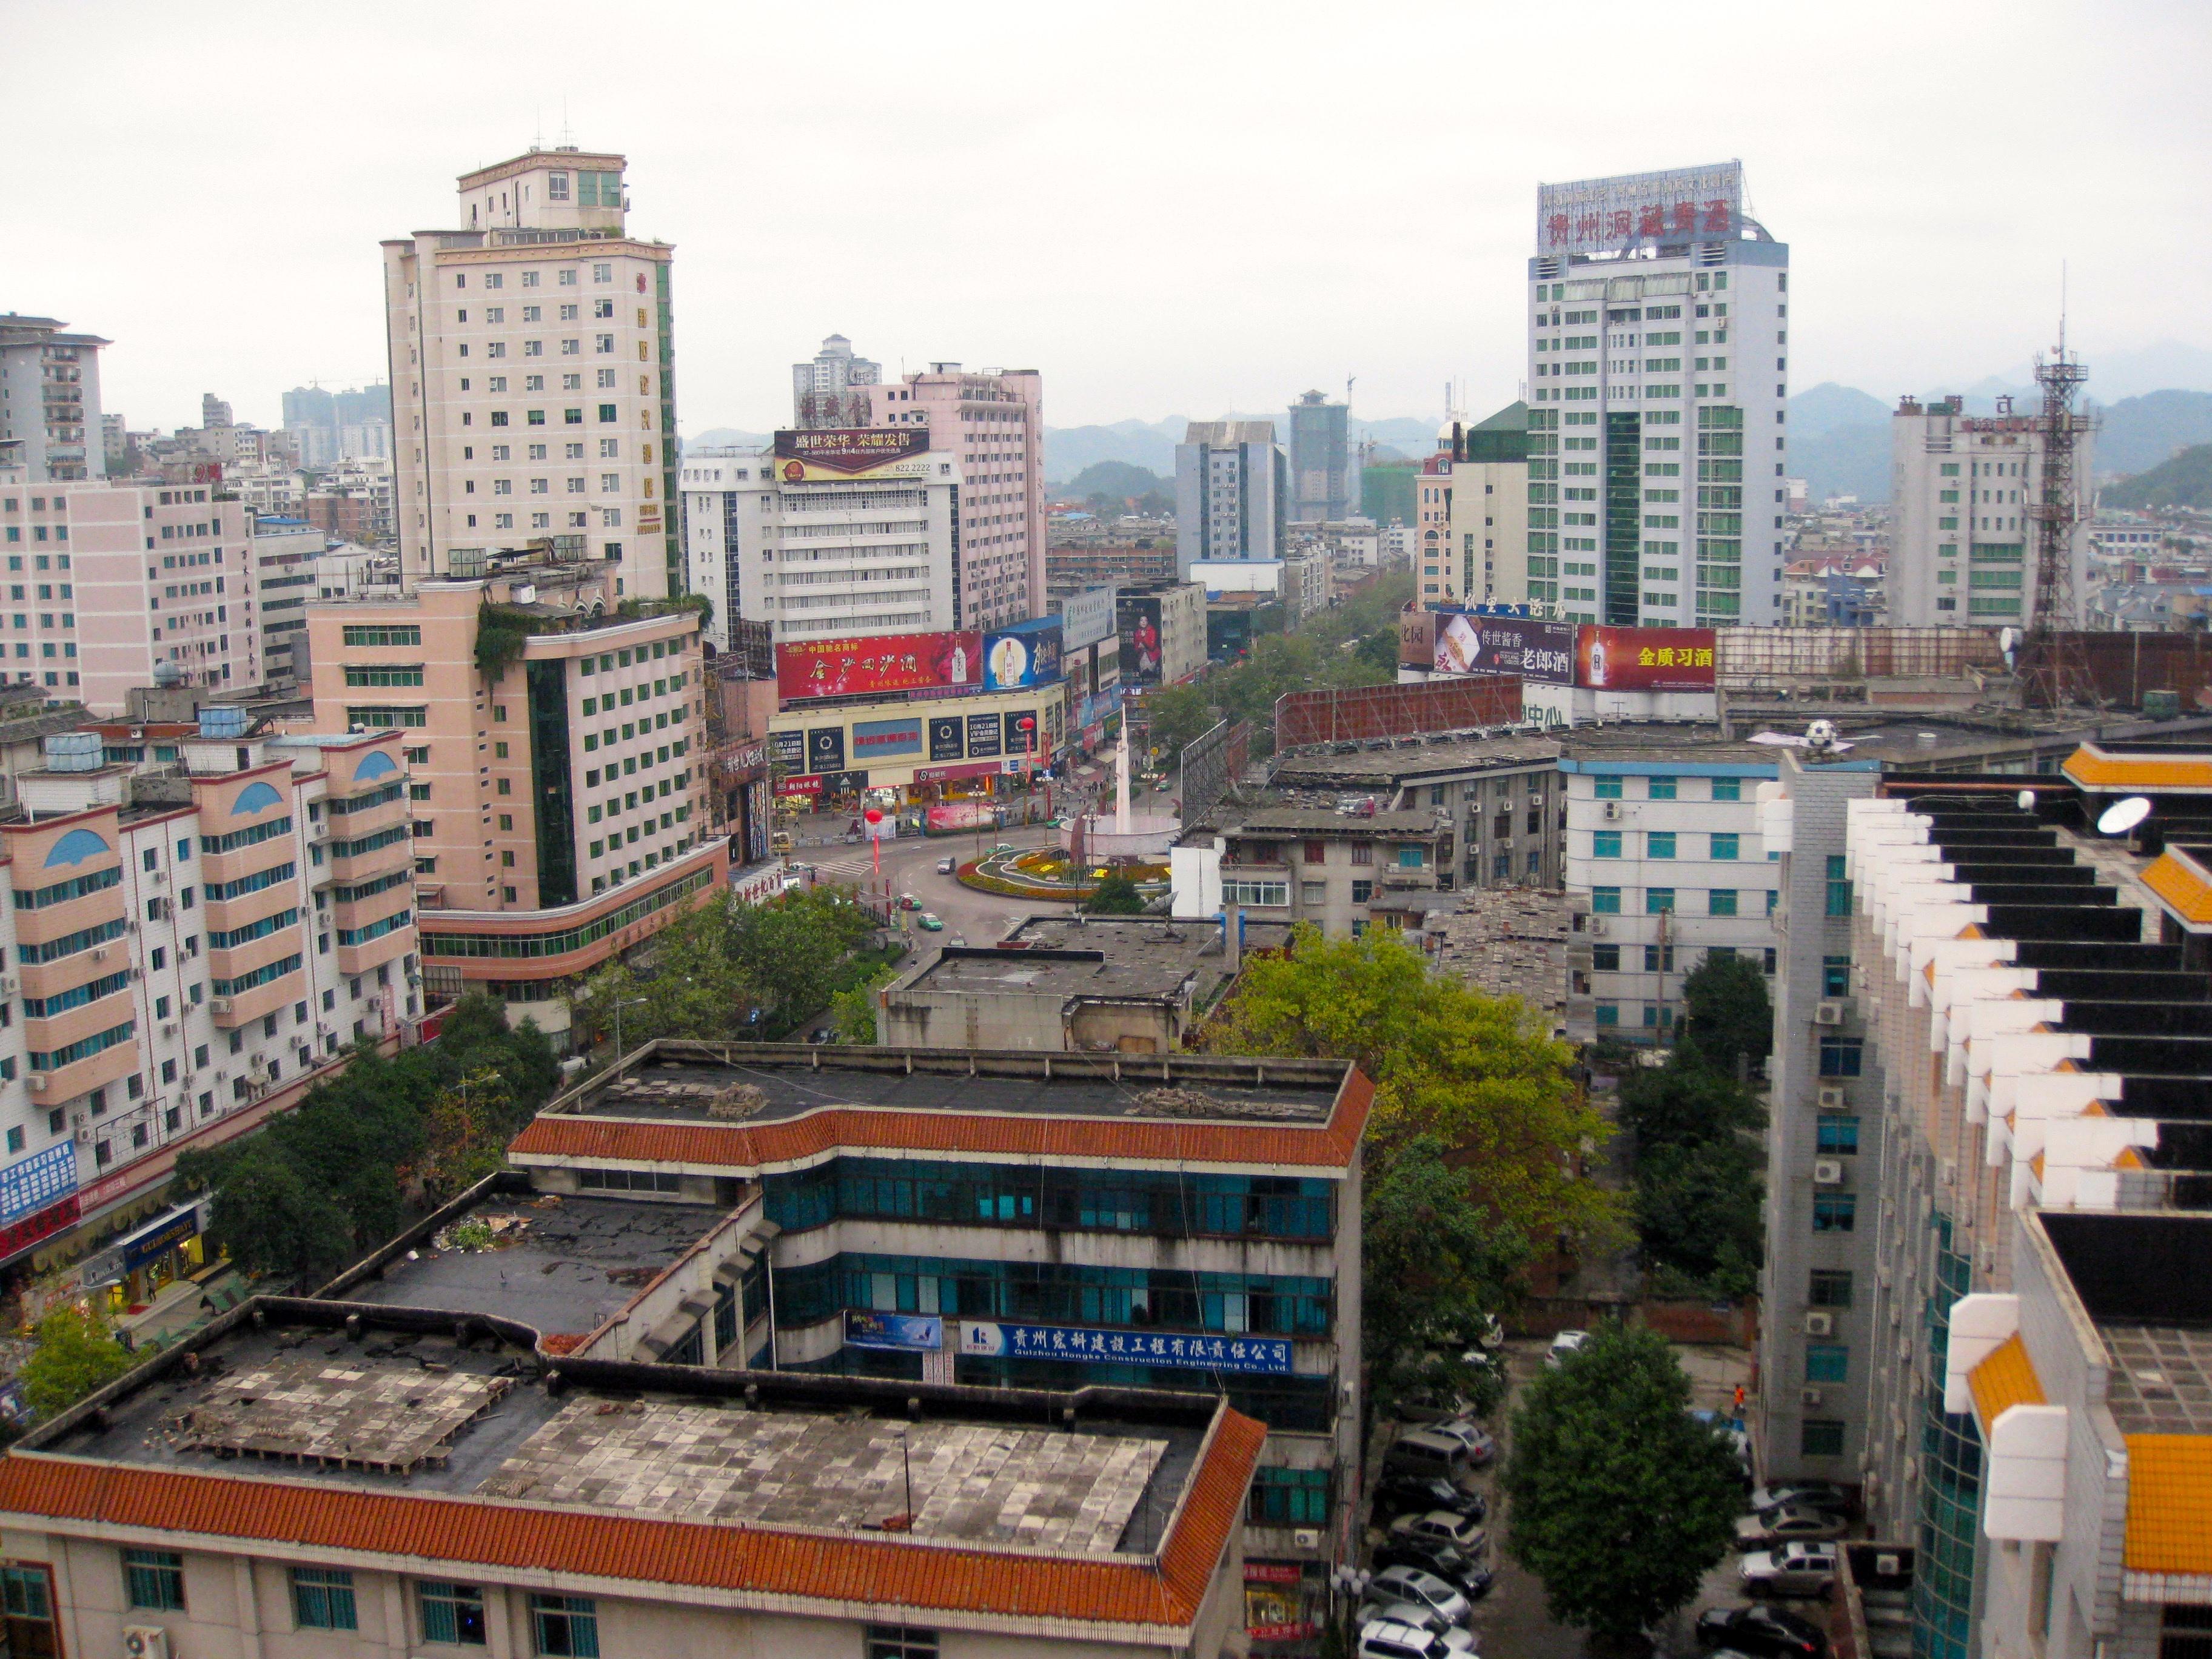 Small cityscape